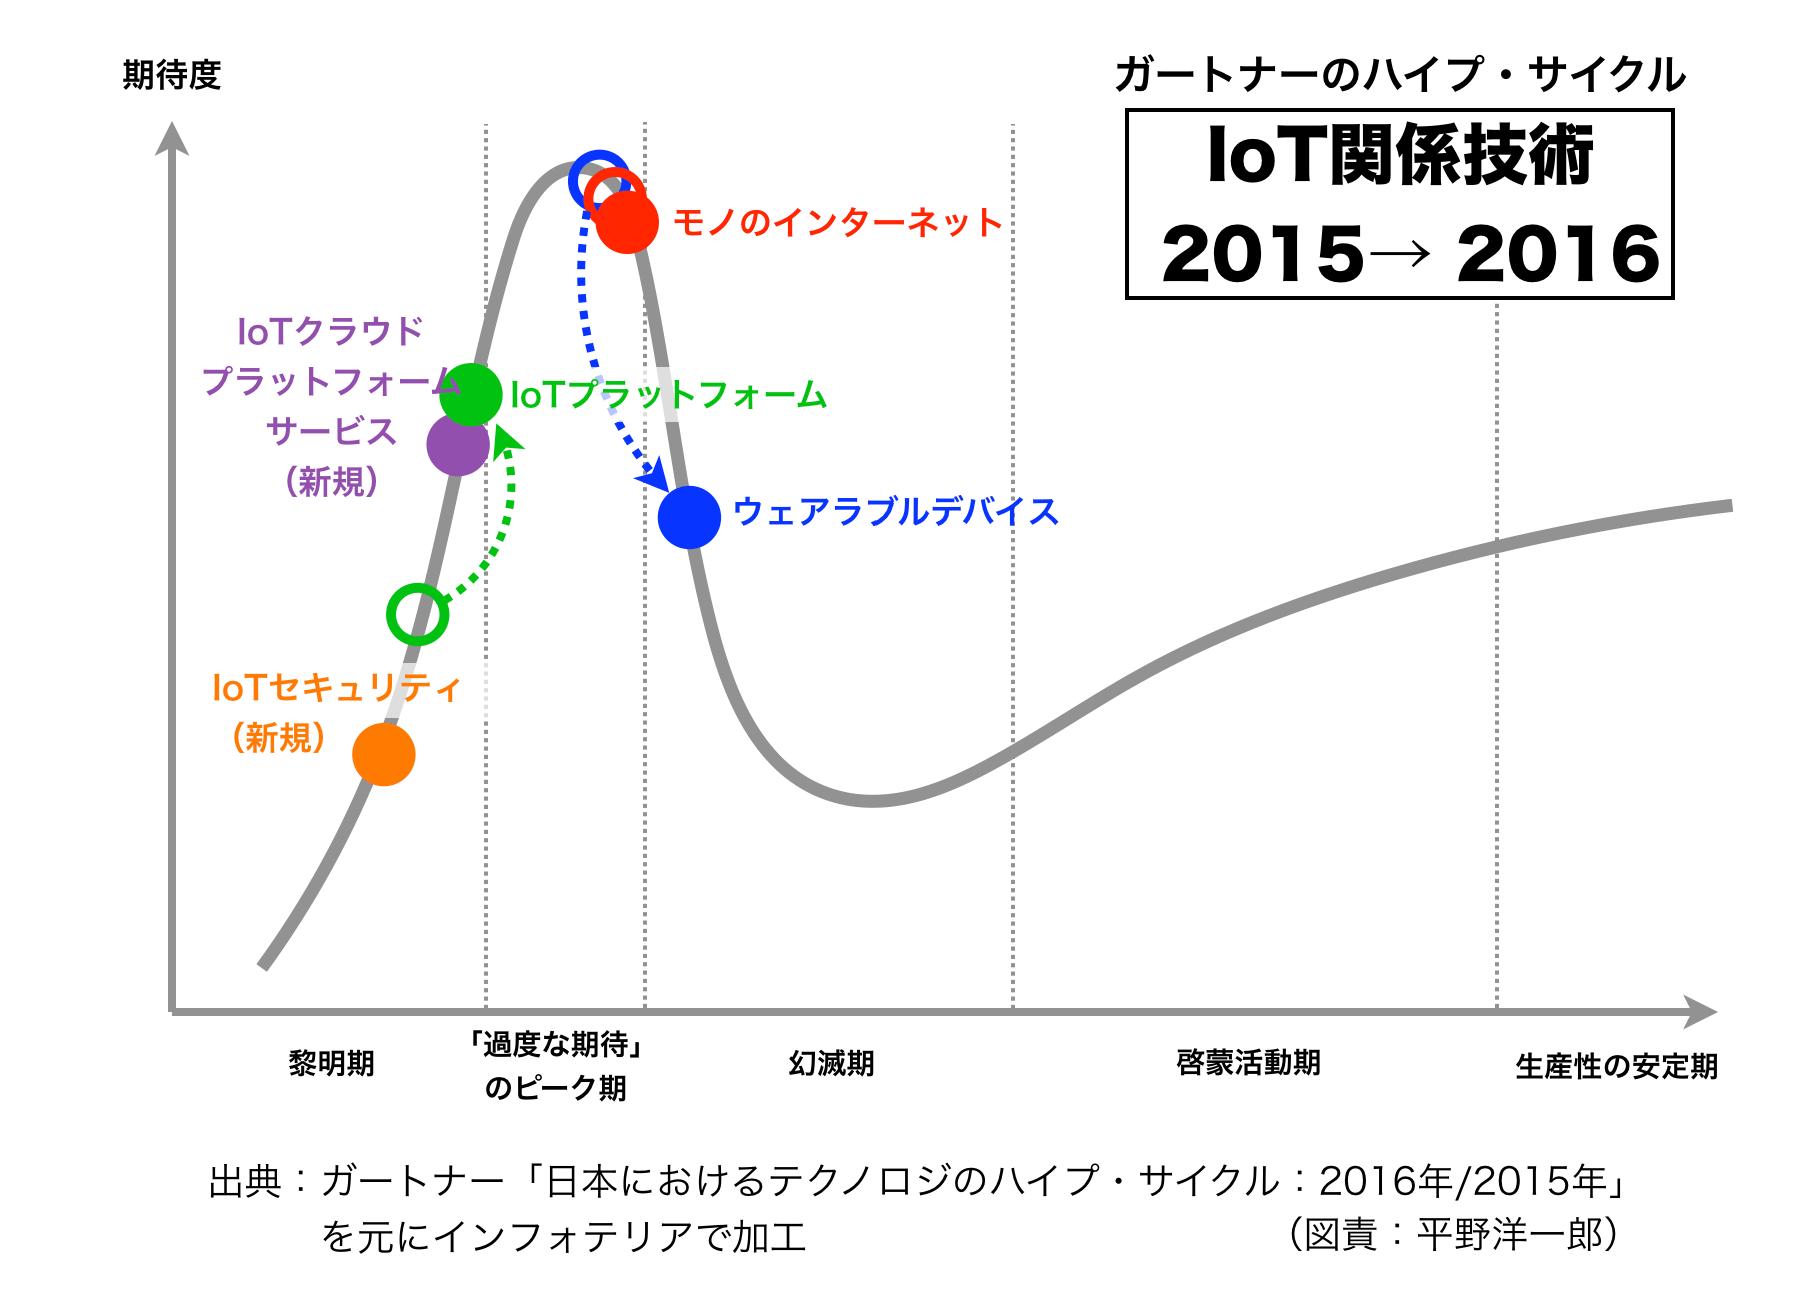 Gartner 2016 IoT